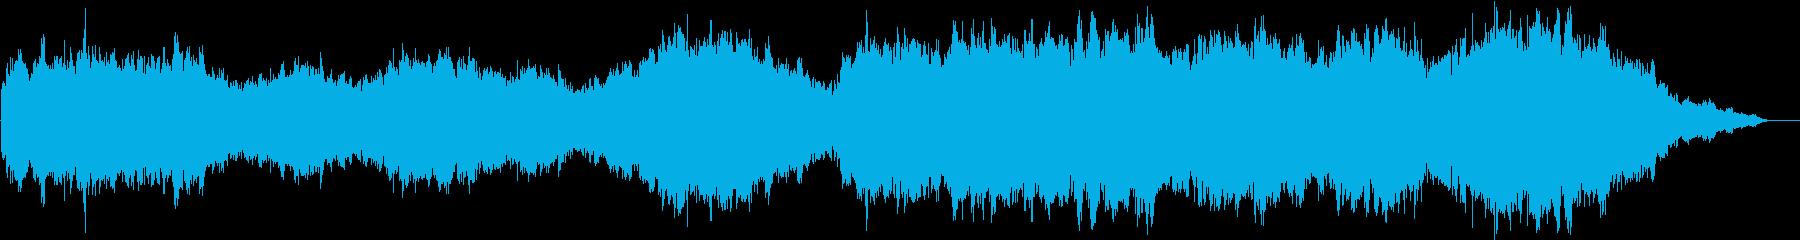 キラキラしたメロディーと聖歌隊のイメージの再生済みの波形